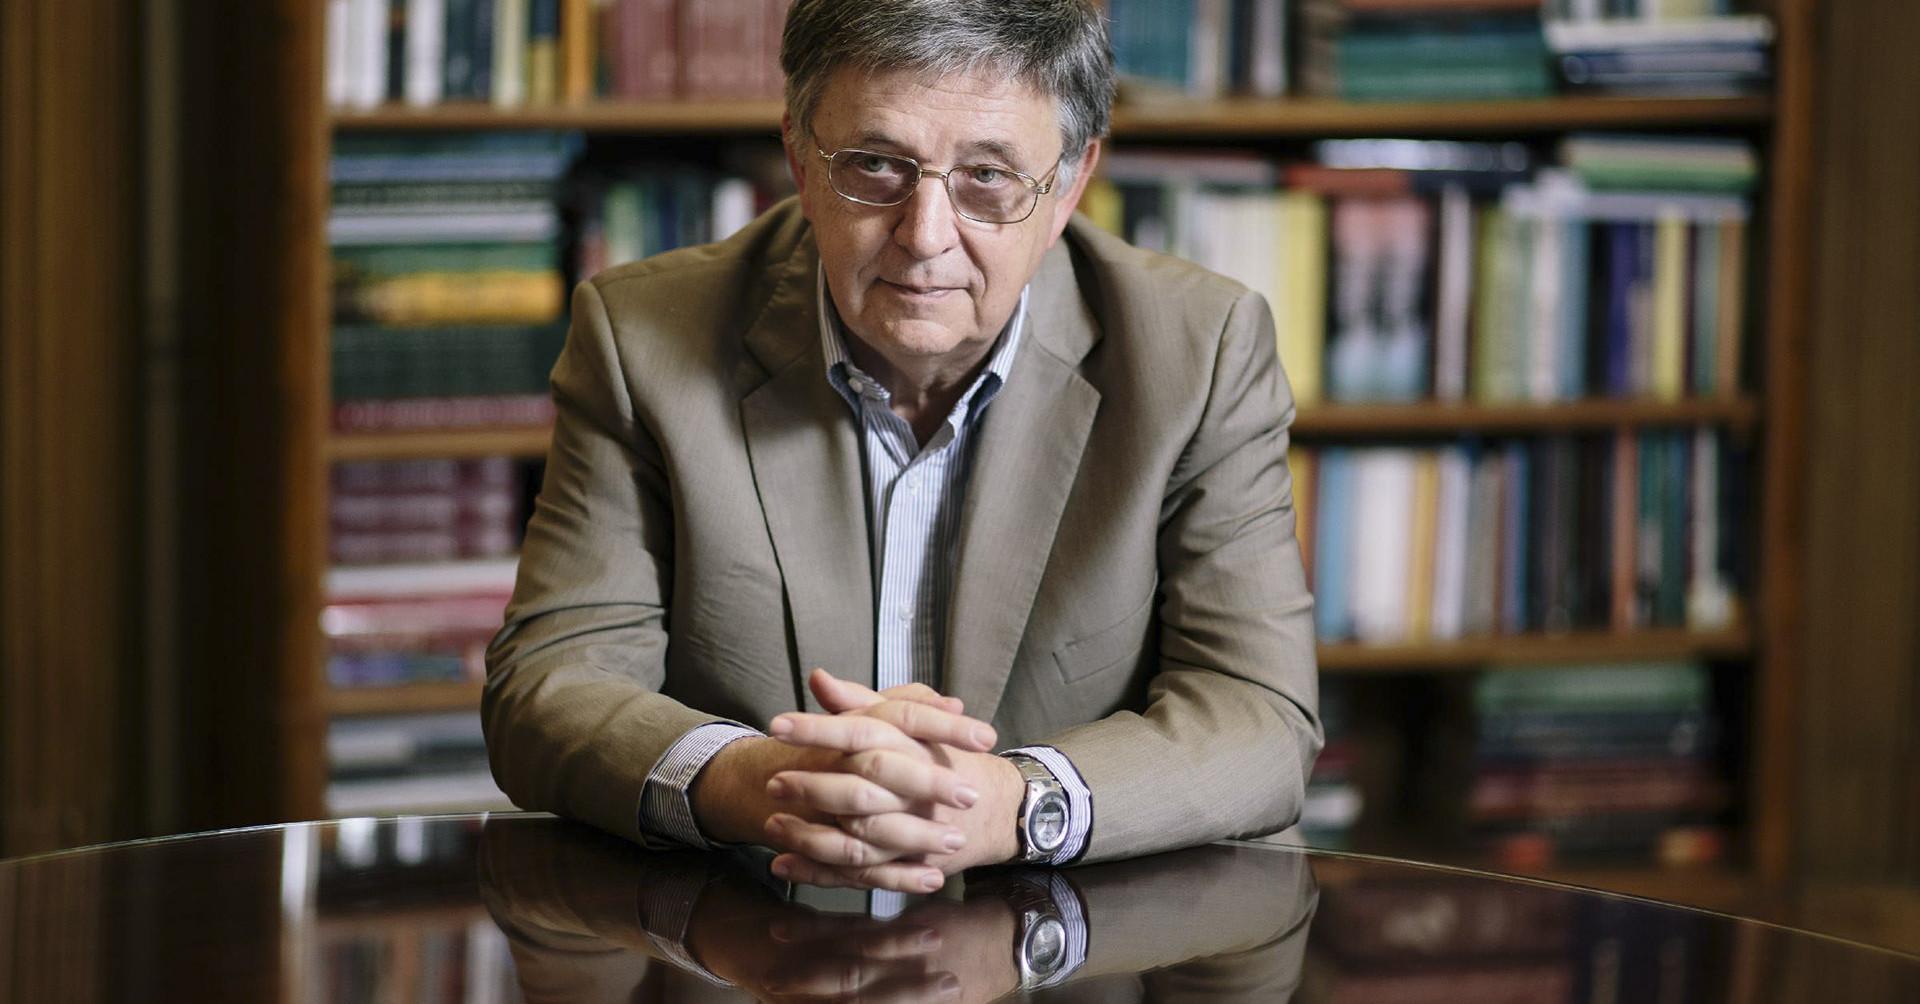 Lovász László, volt MTA elnök kapta a matematikusok Nobel-díjaként jegyzett Abel-díjat